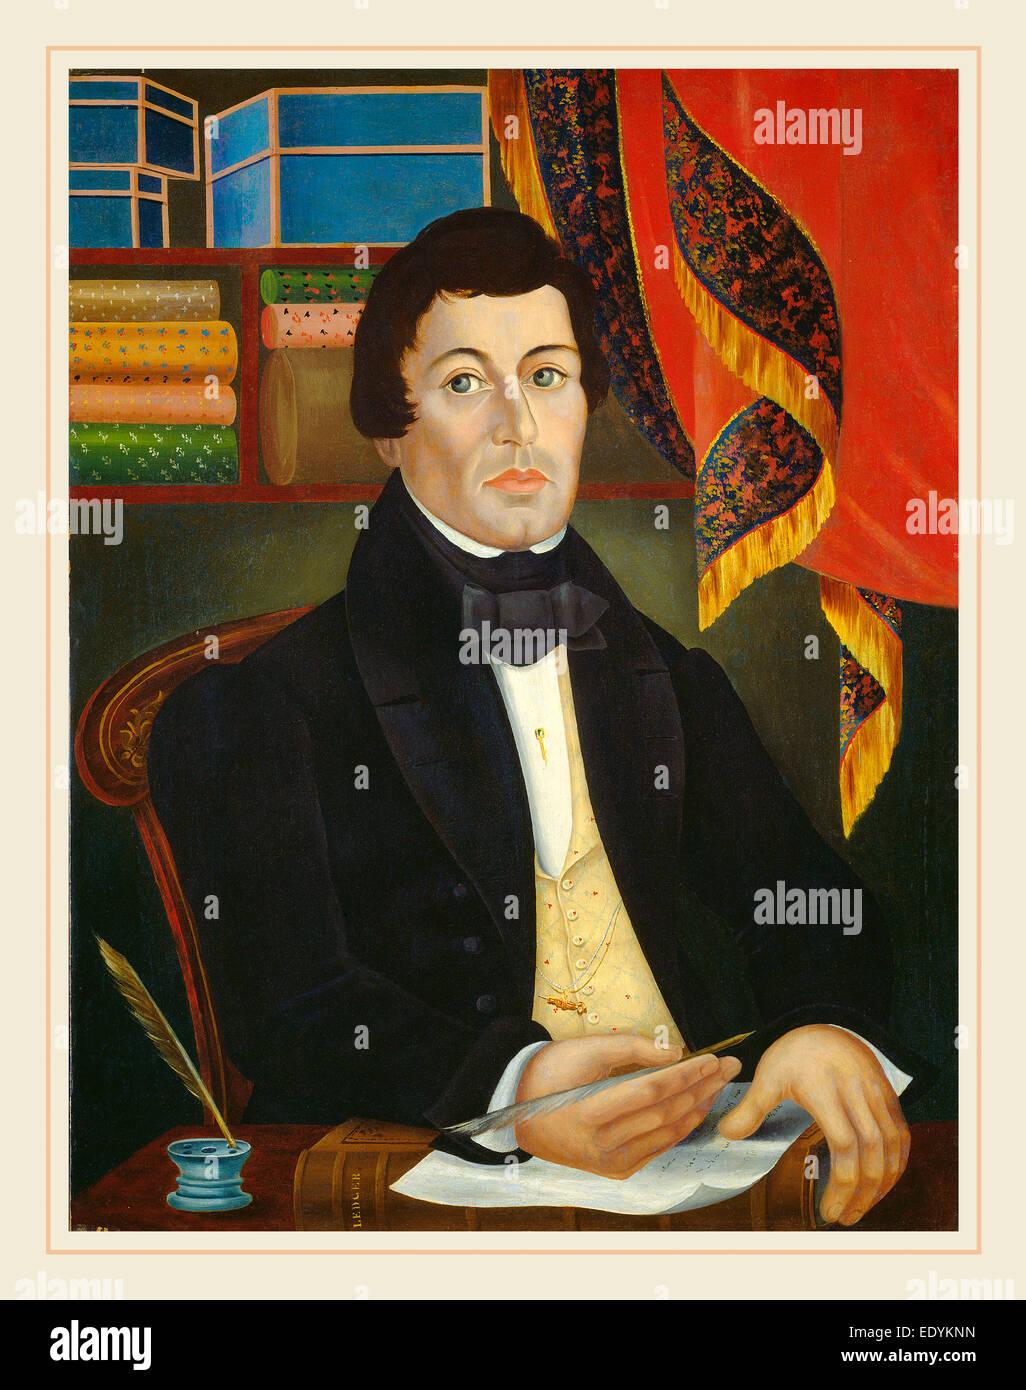 19ème siècle américain, marchand de textile, c. 1840, huile sur toile Photo Stock